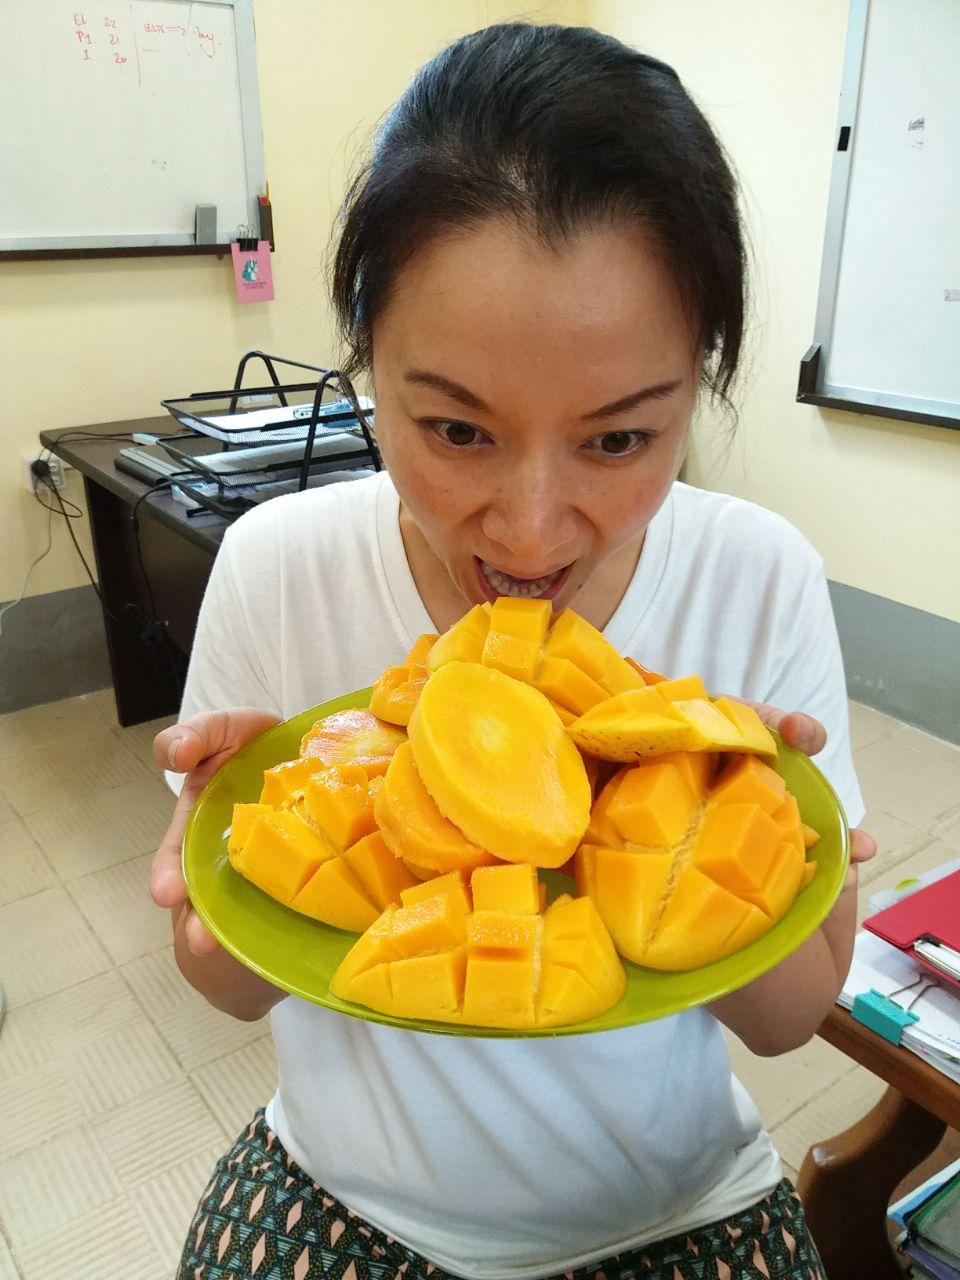 2017_aJune_My-birthday-cake_shitloads-of-mangoes.jpg